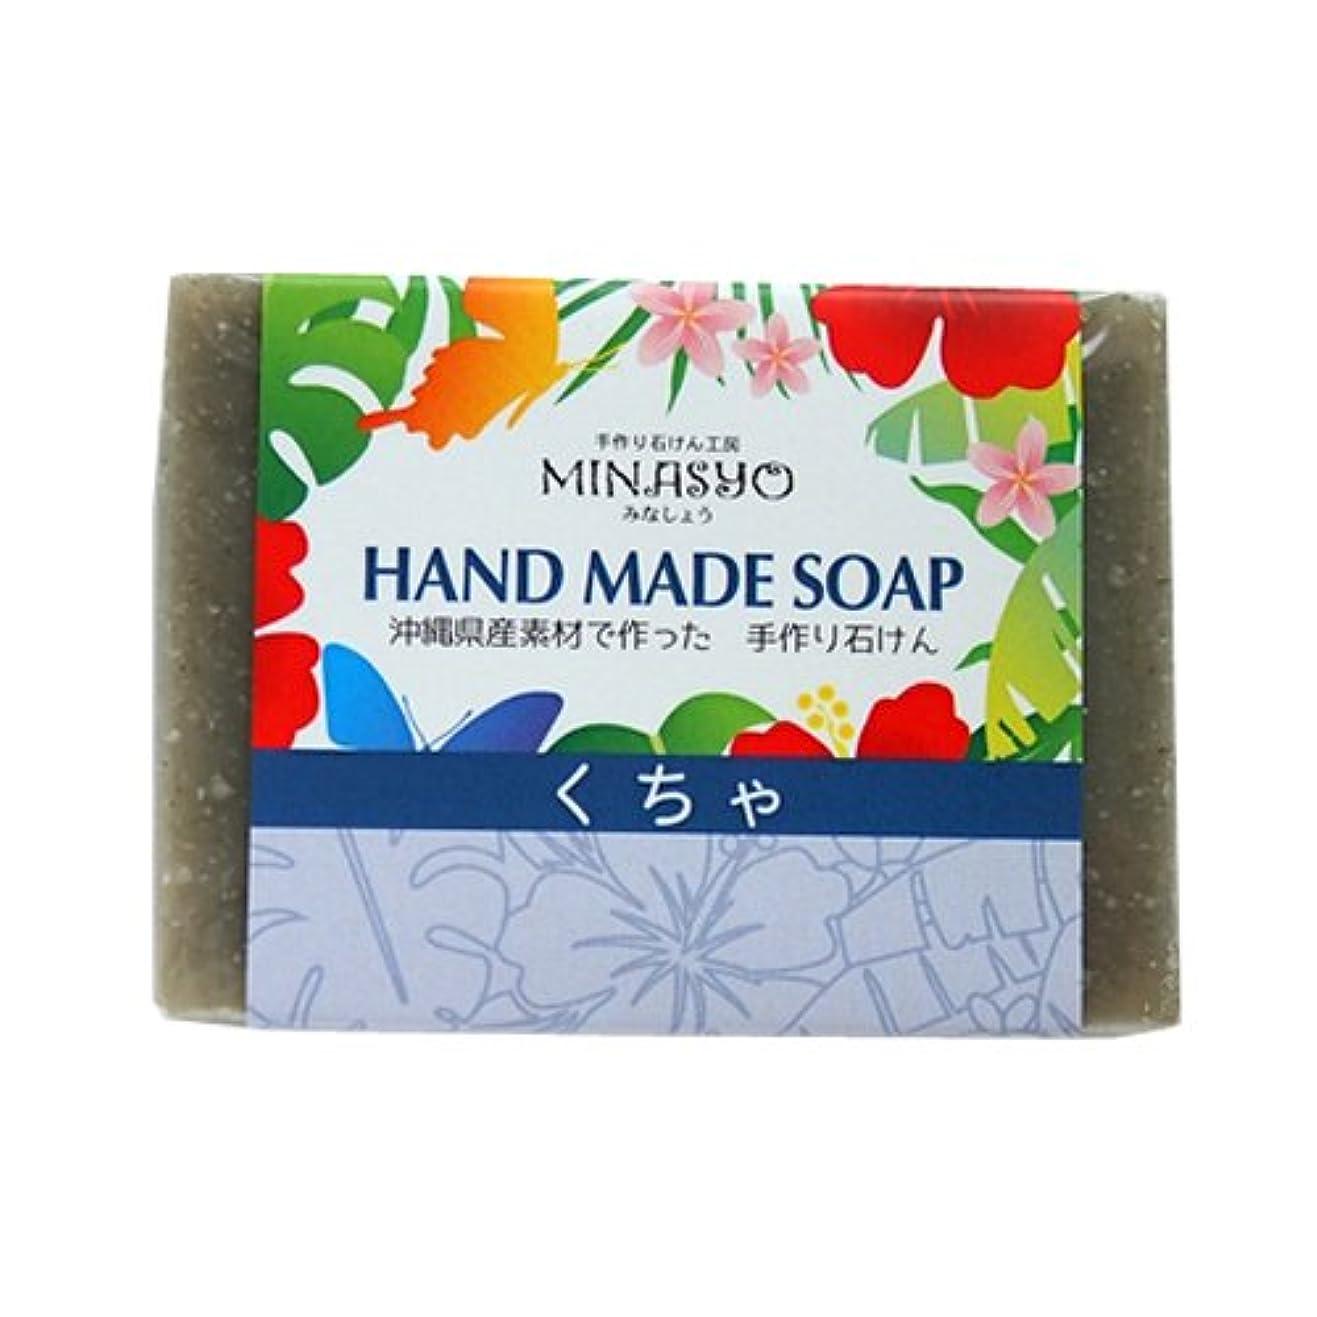 モニター投げる雇った洗顔石鹸 毛穴ケア メンズ 無添加 固形 くちゃパック 手作りくちゃ石鹸